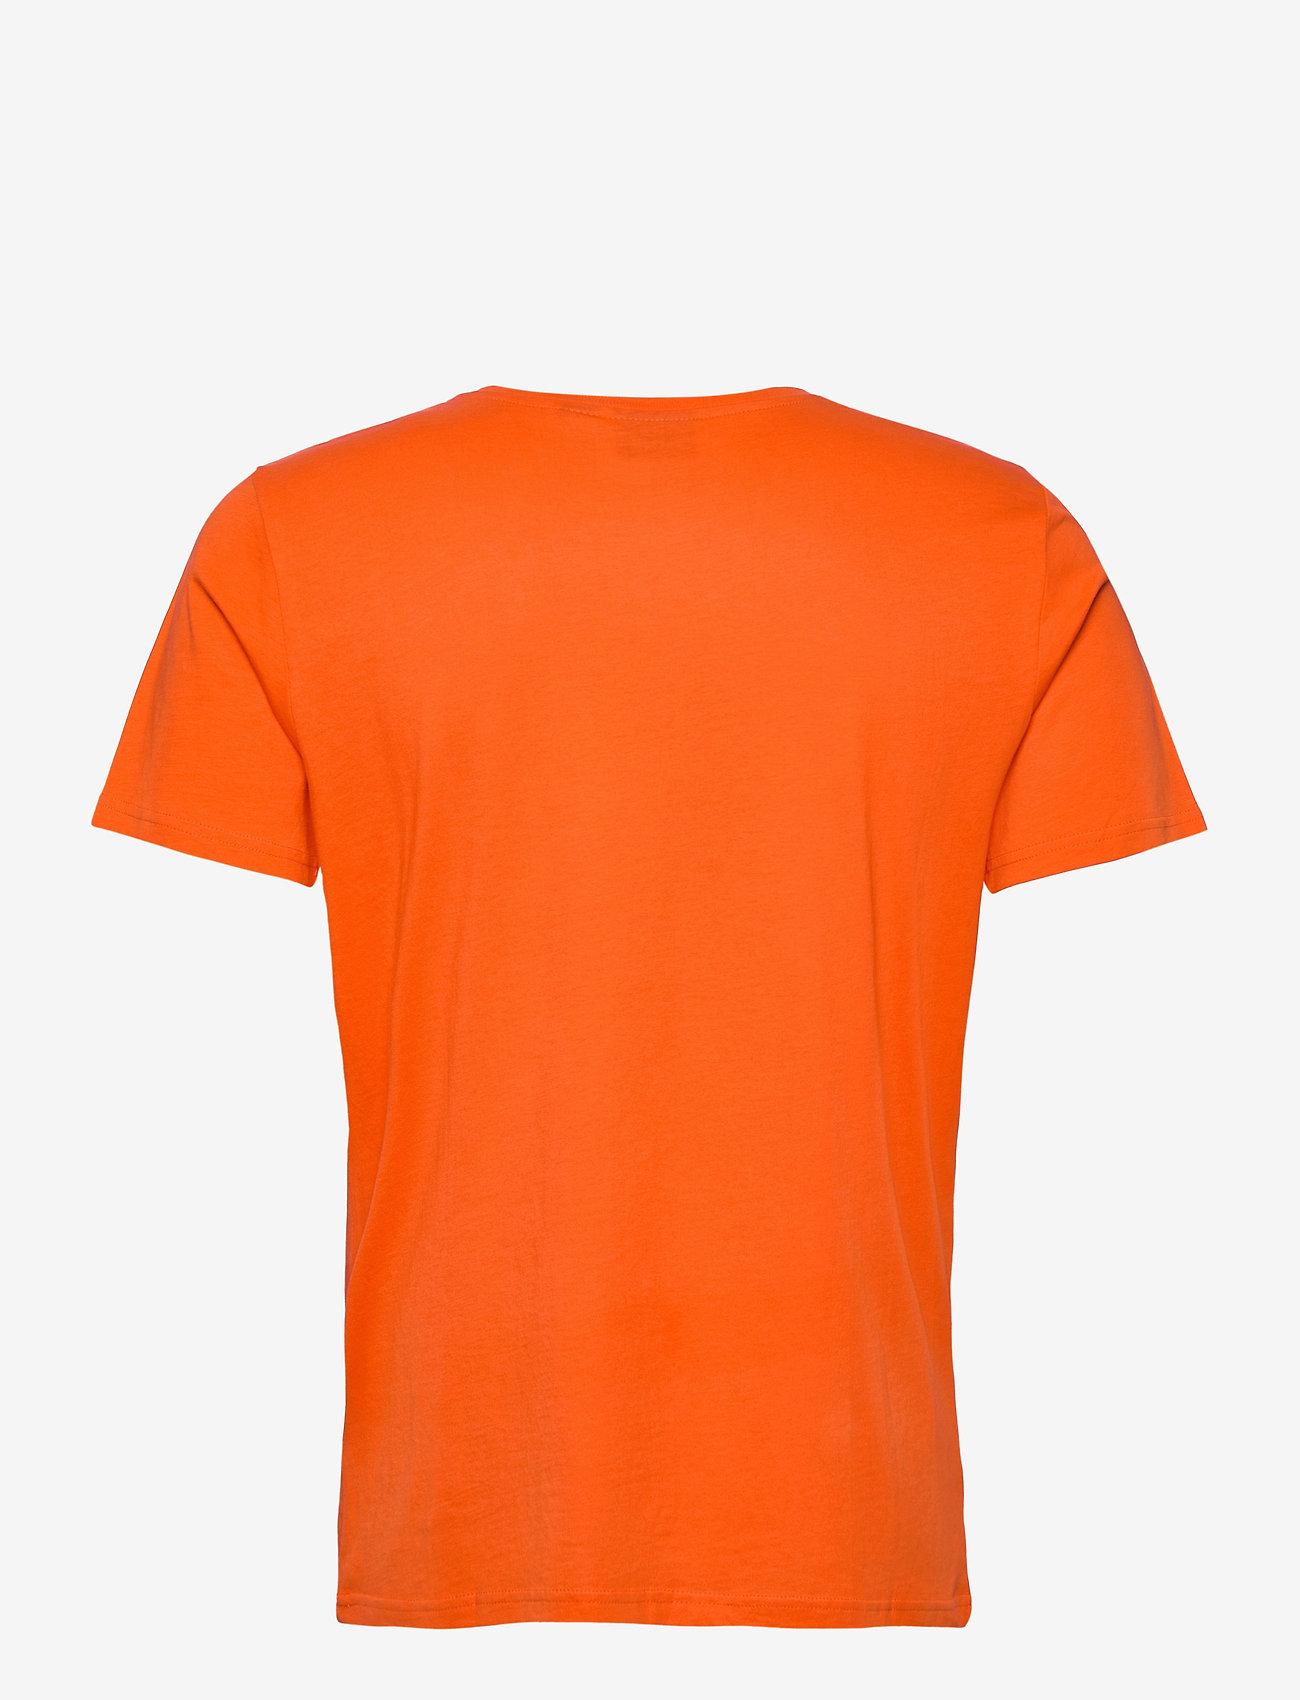 Hummel hmlACTON T-SHIRT - T-skjorter TANGERINE TANGO - Menn Klær